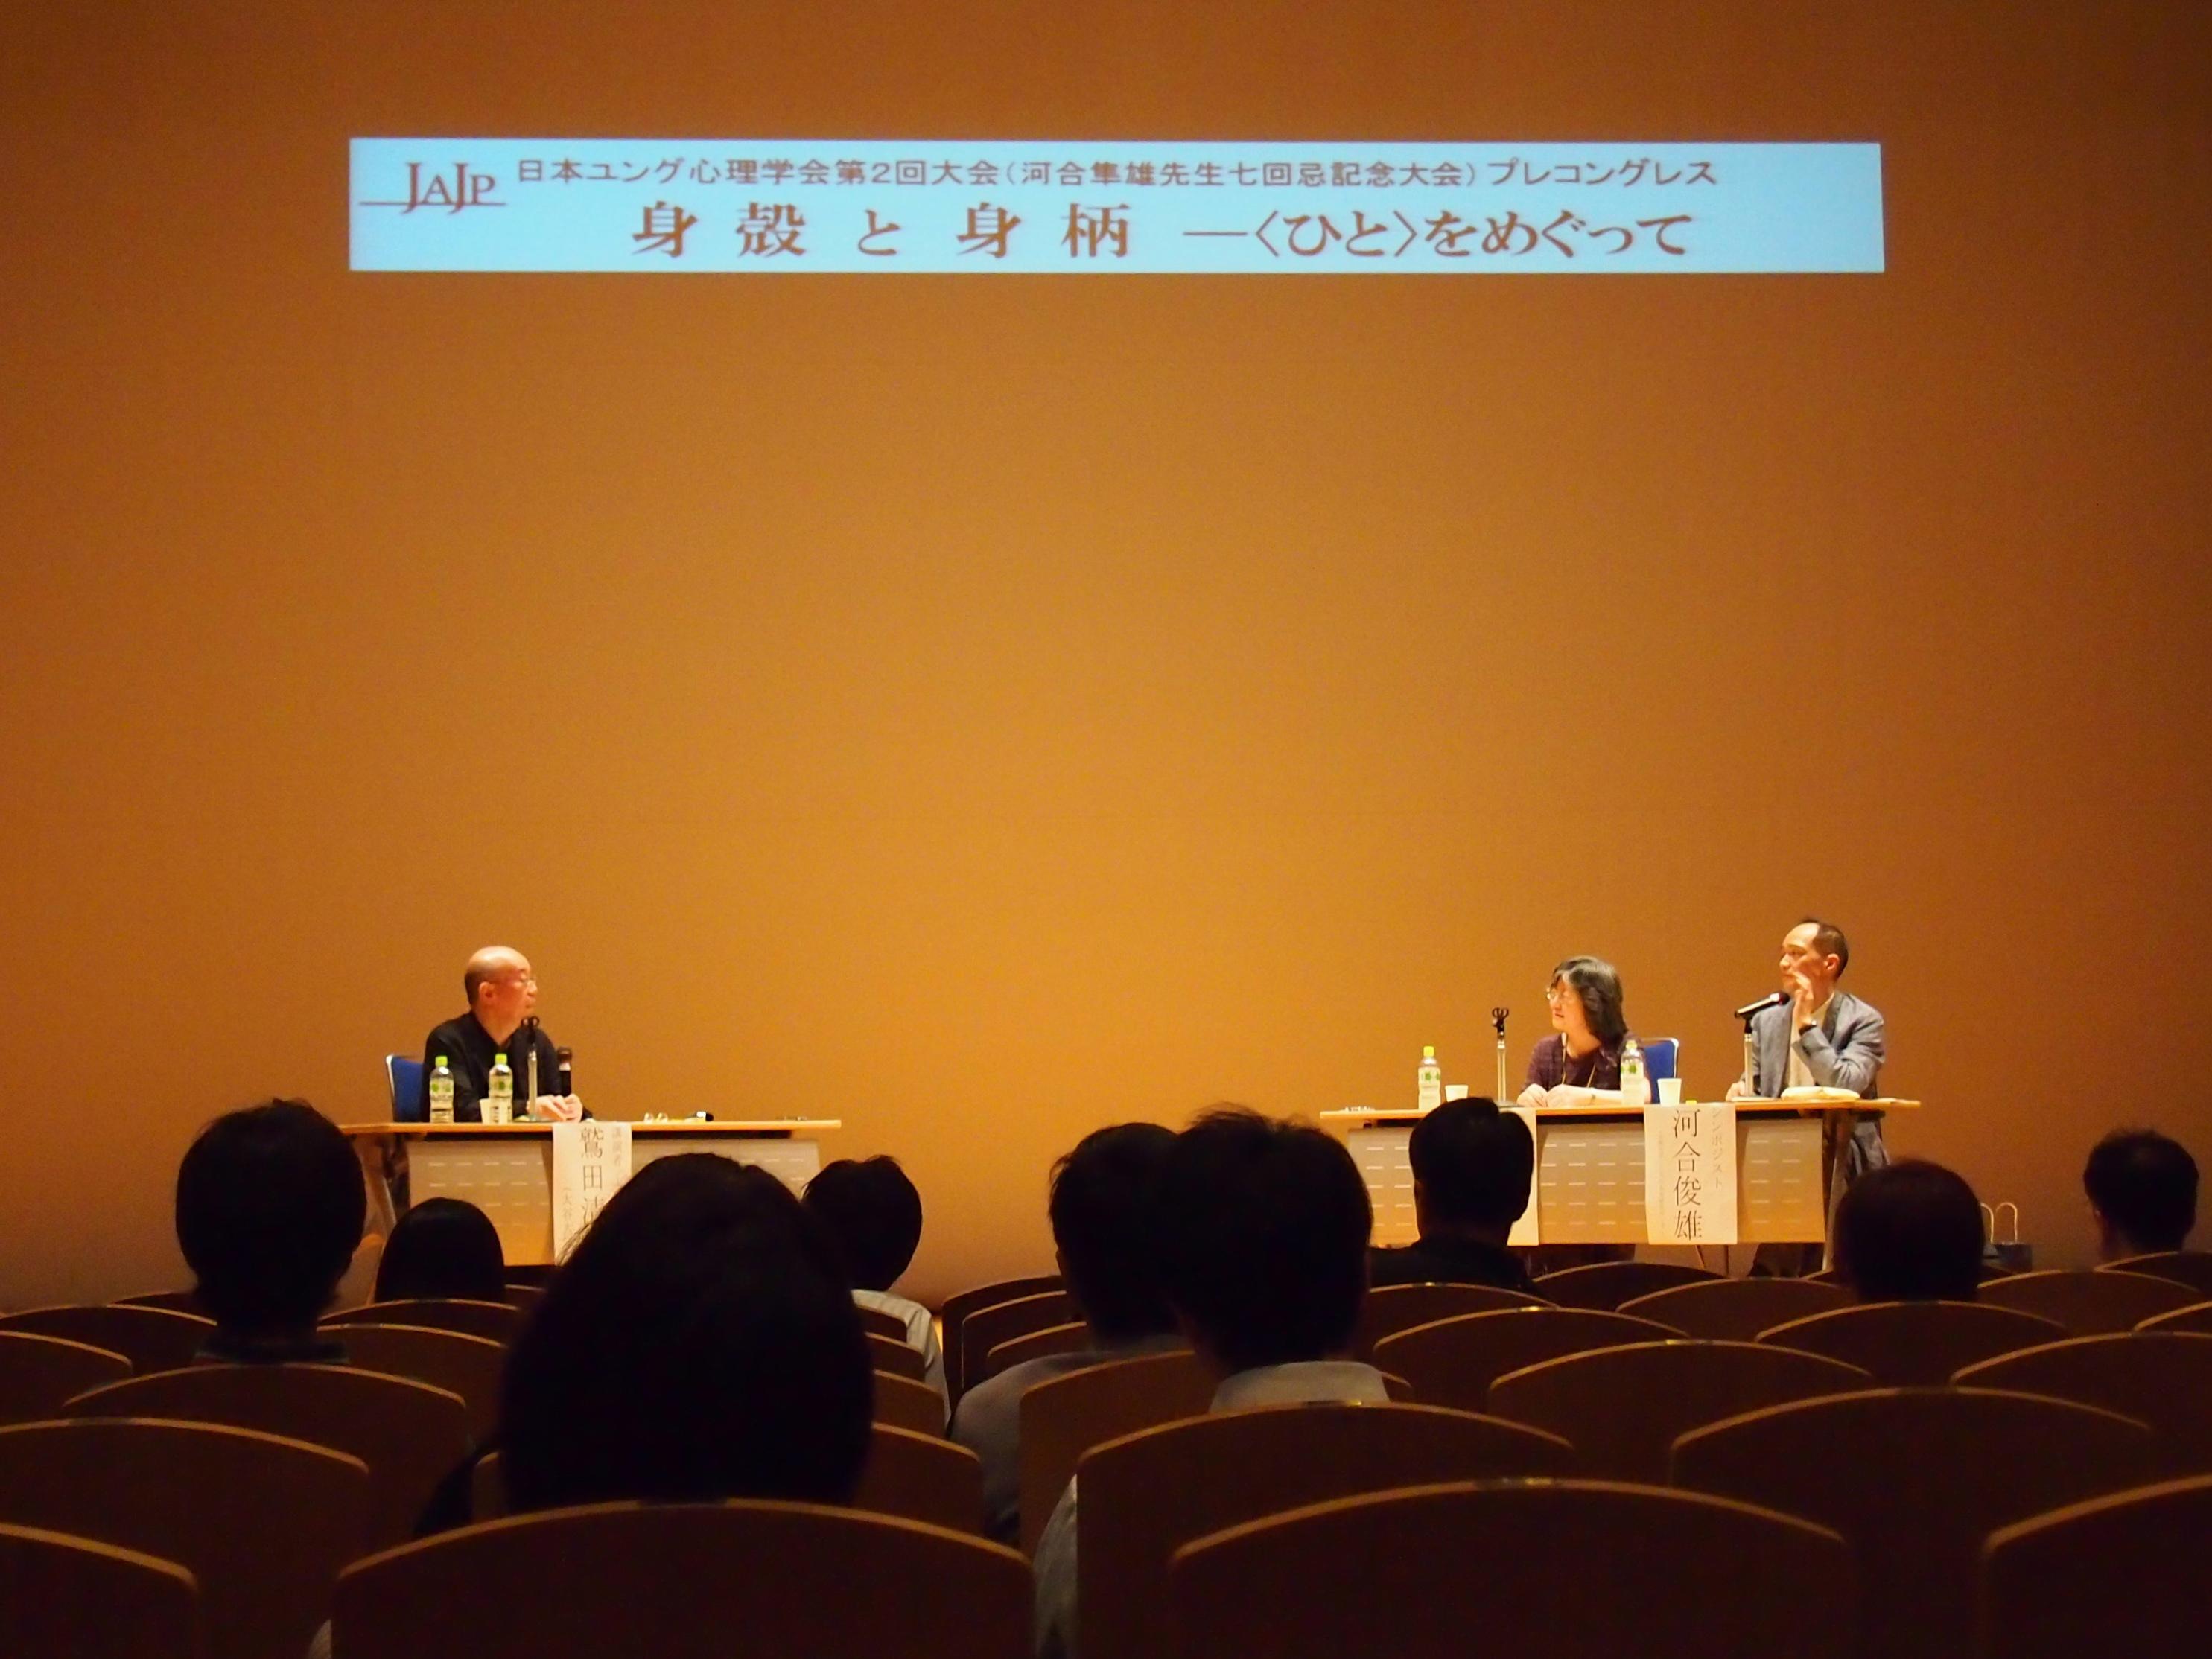 「身殻と身柄―<ひと>をめぐって」河合俊雄教授が日本ユング心理学会第2回大会プレコングレスに登壇しました